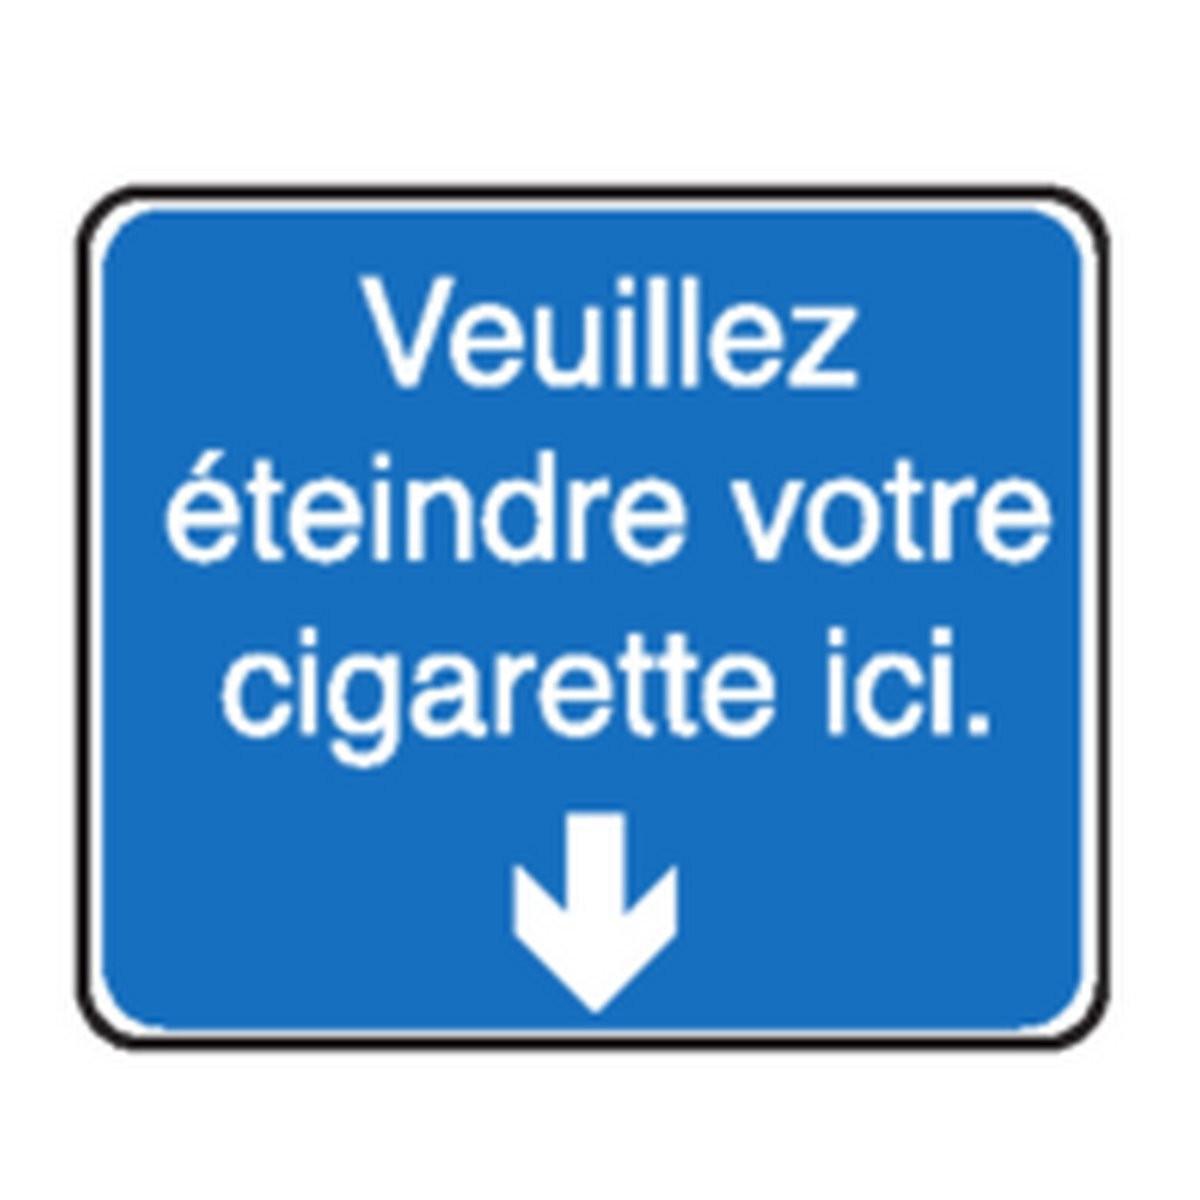 Panneau Veuillez éteindre votre cigarette ici